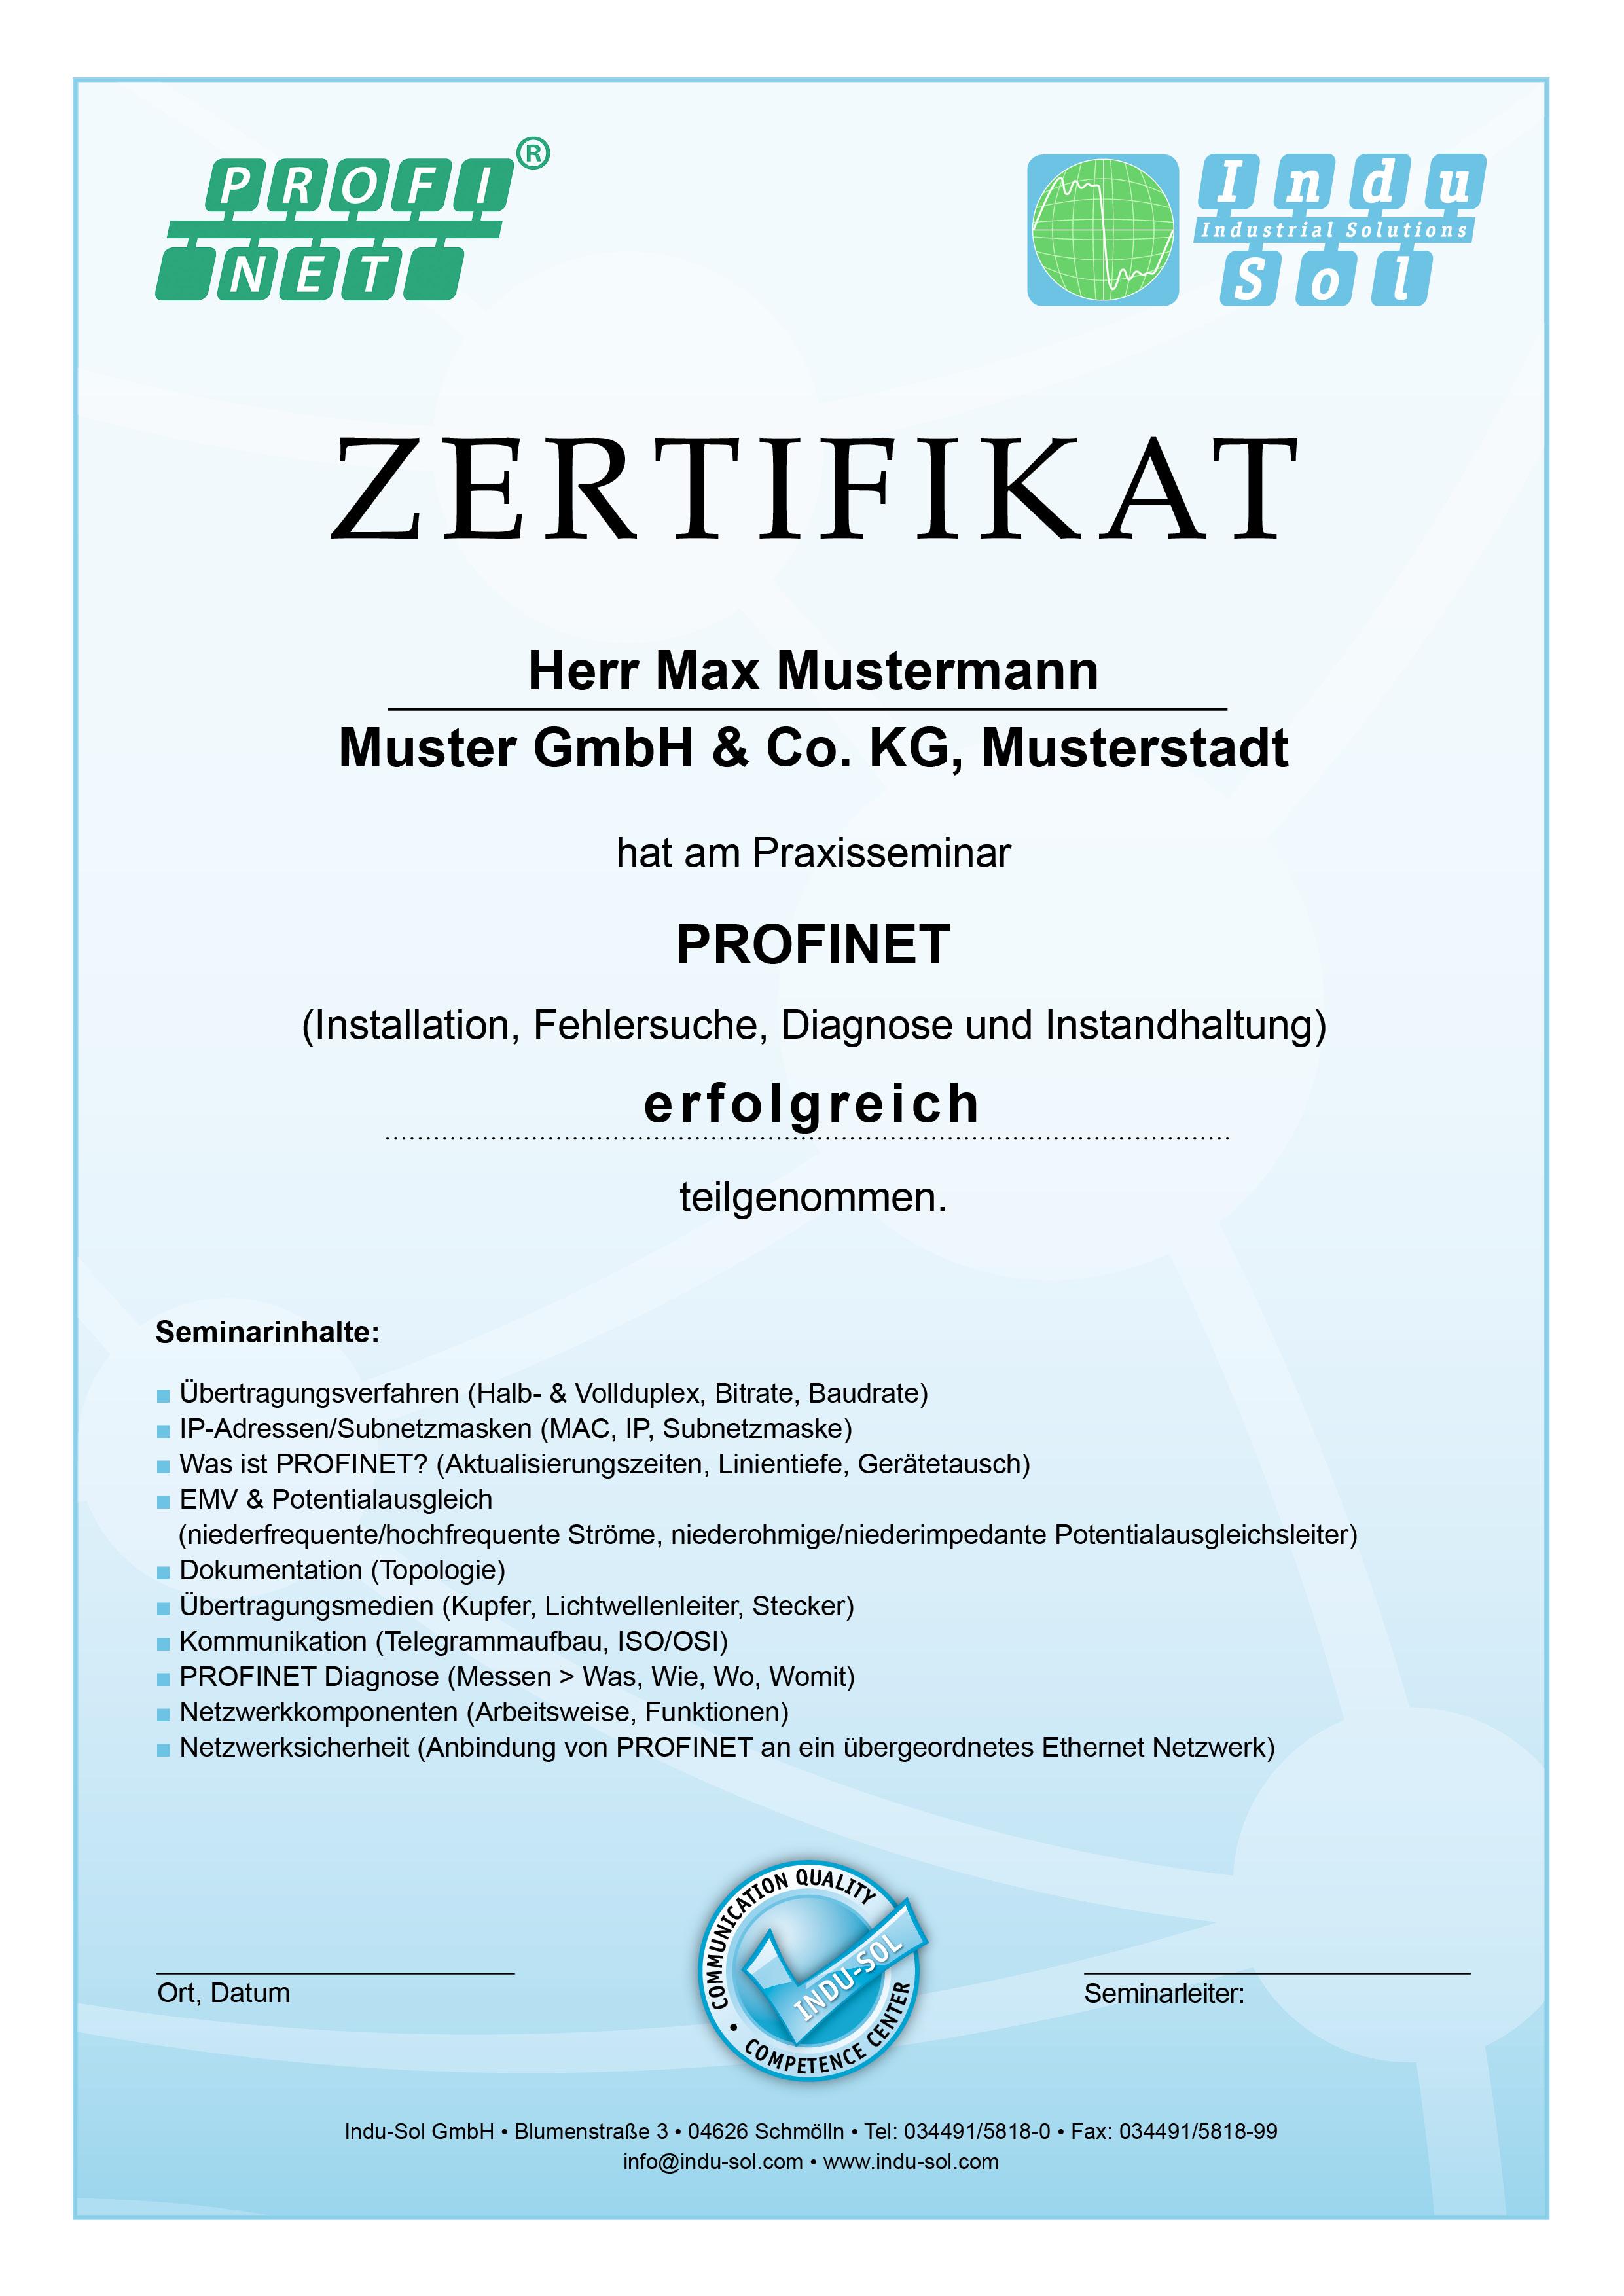 Großartig Zertifizierung Vorlagen Galerie - Bilder für das ...